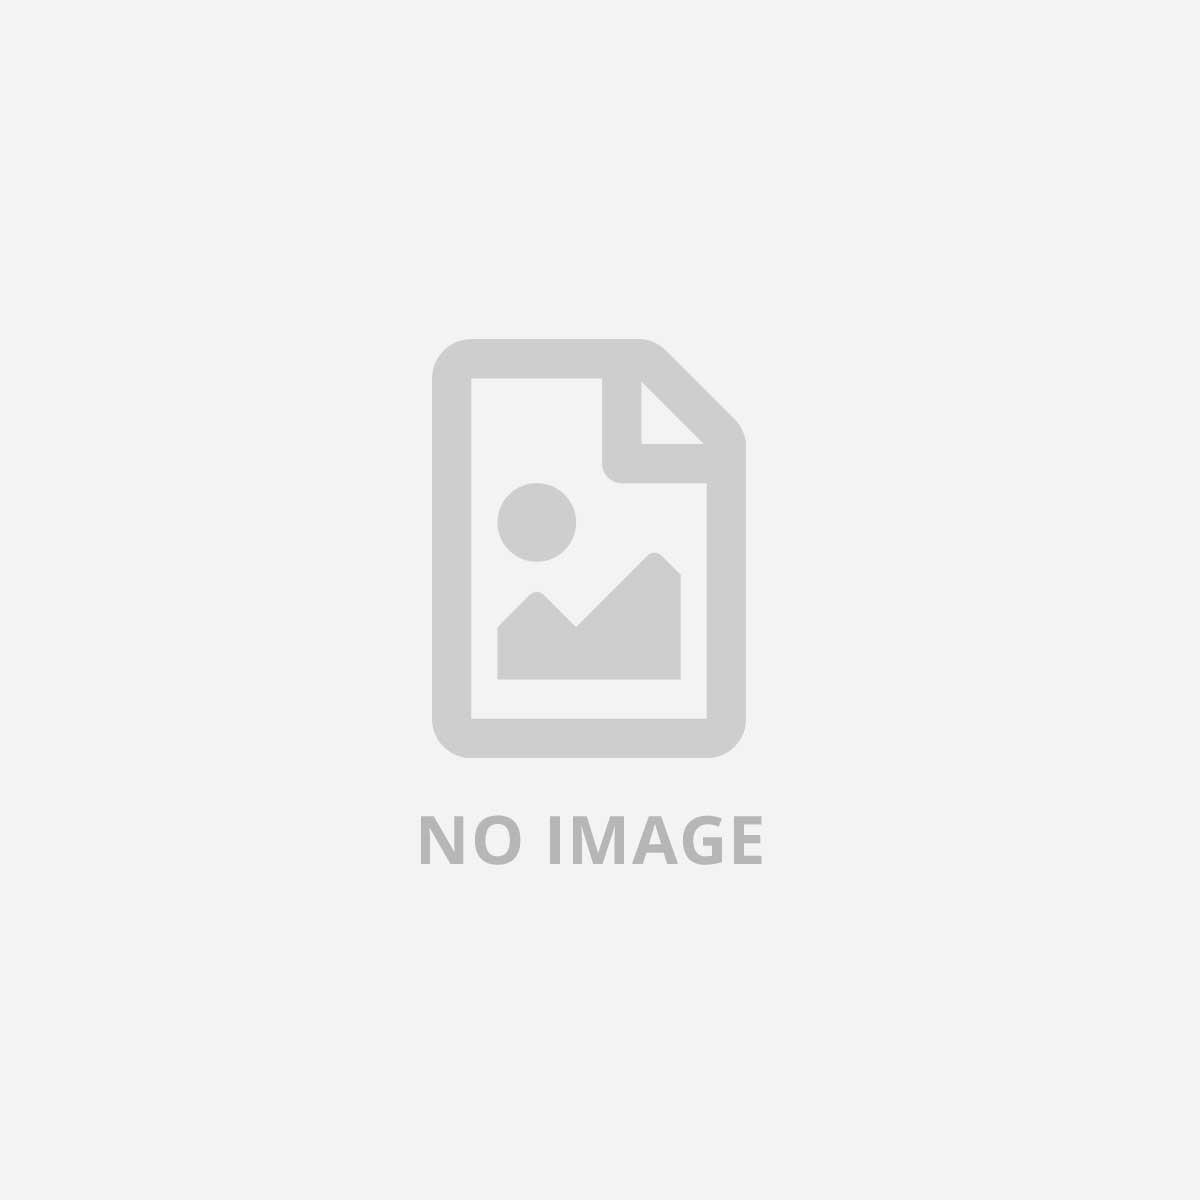 CANON ZOEMINI ROSE GOLD WHITE